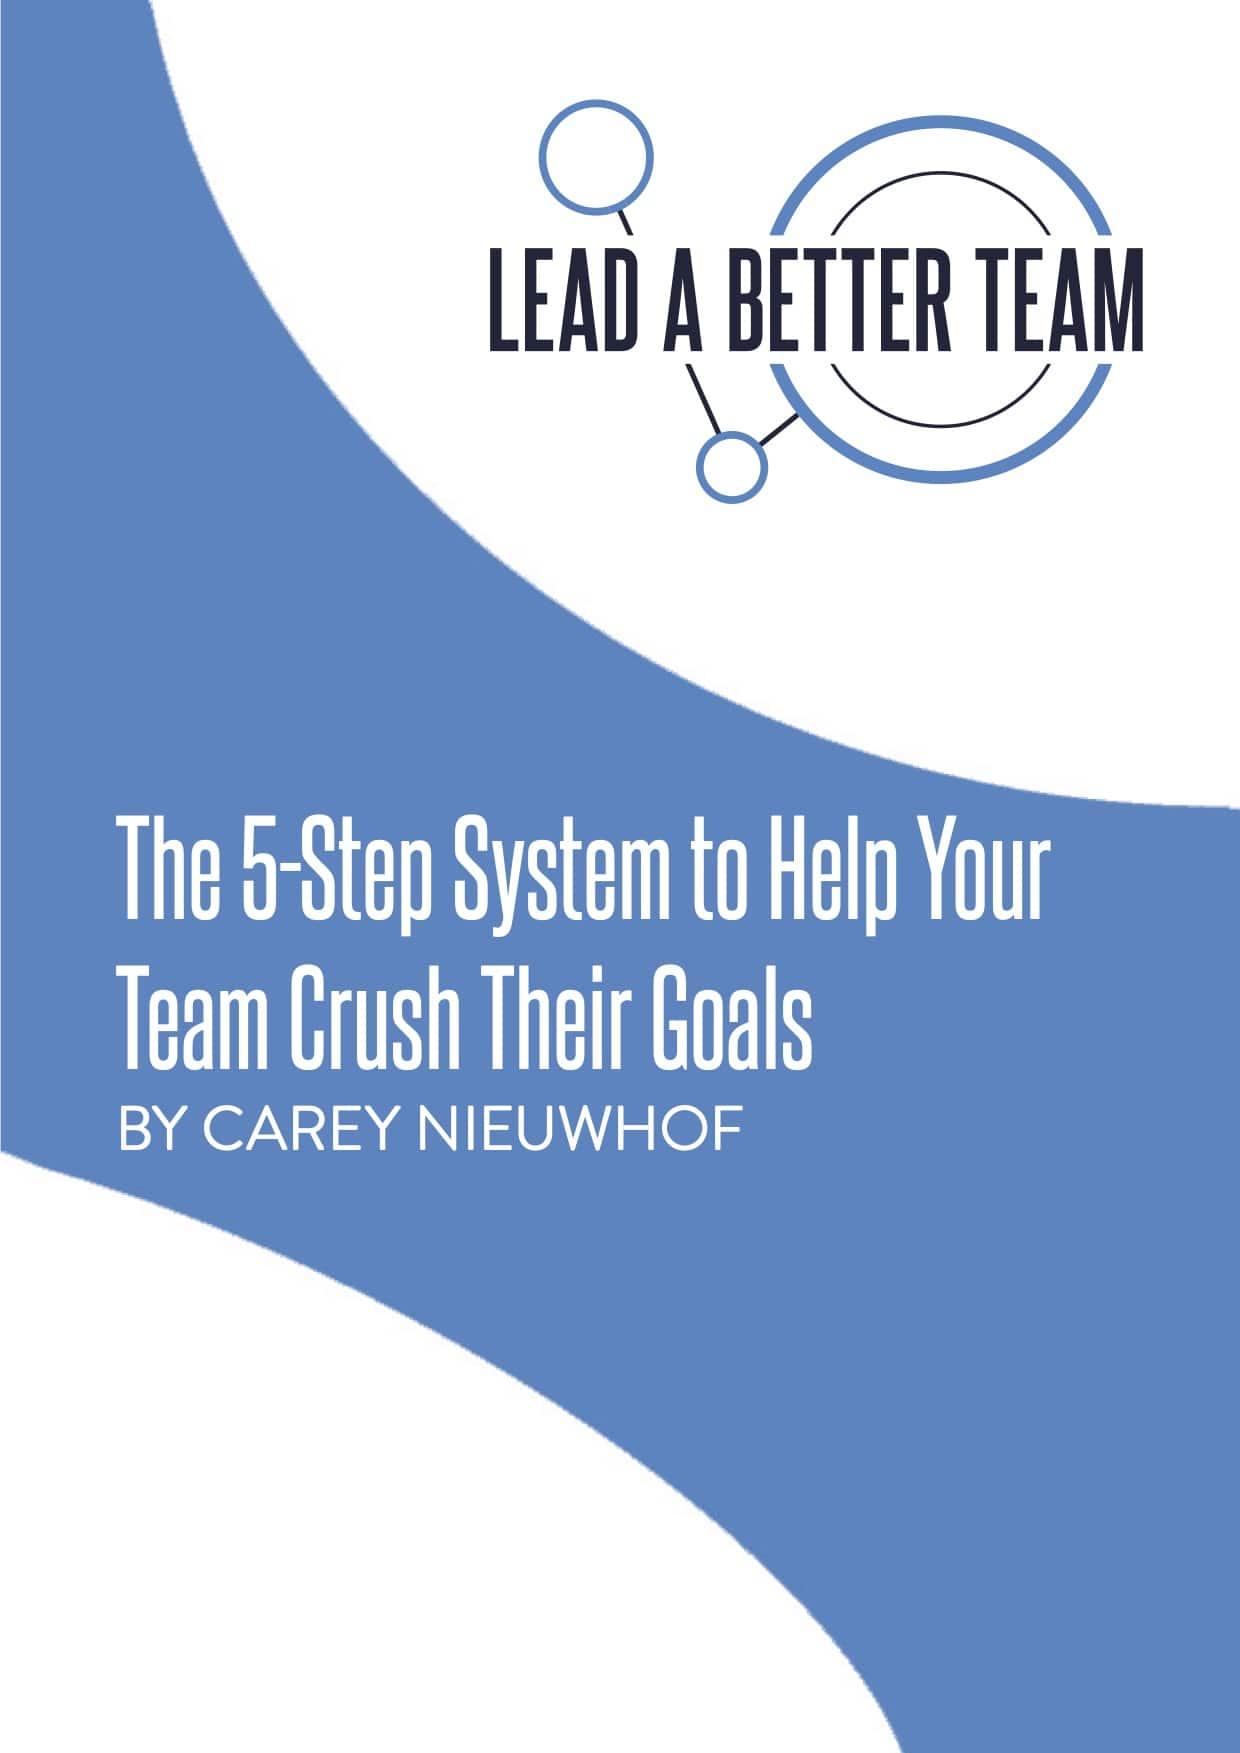 Help Your Team Crush Their Goals Teaching Video